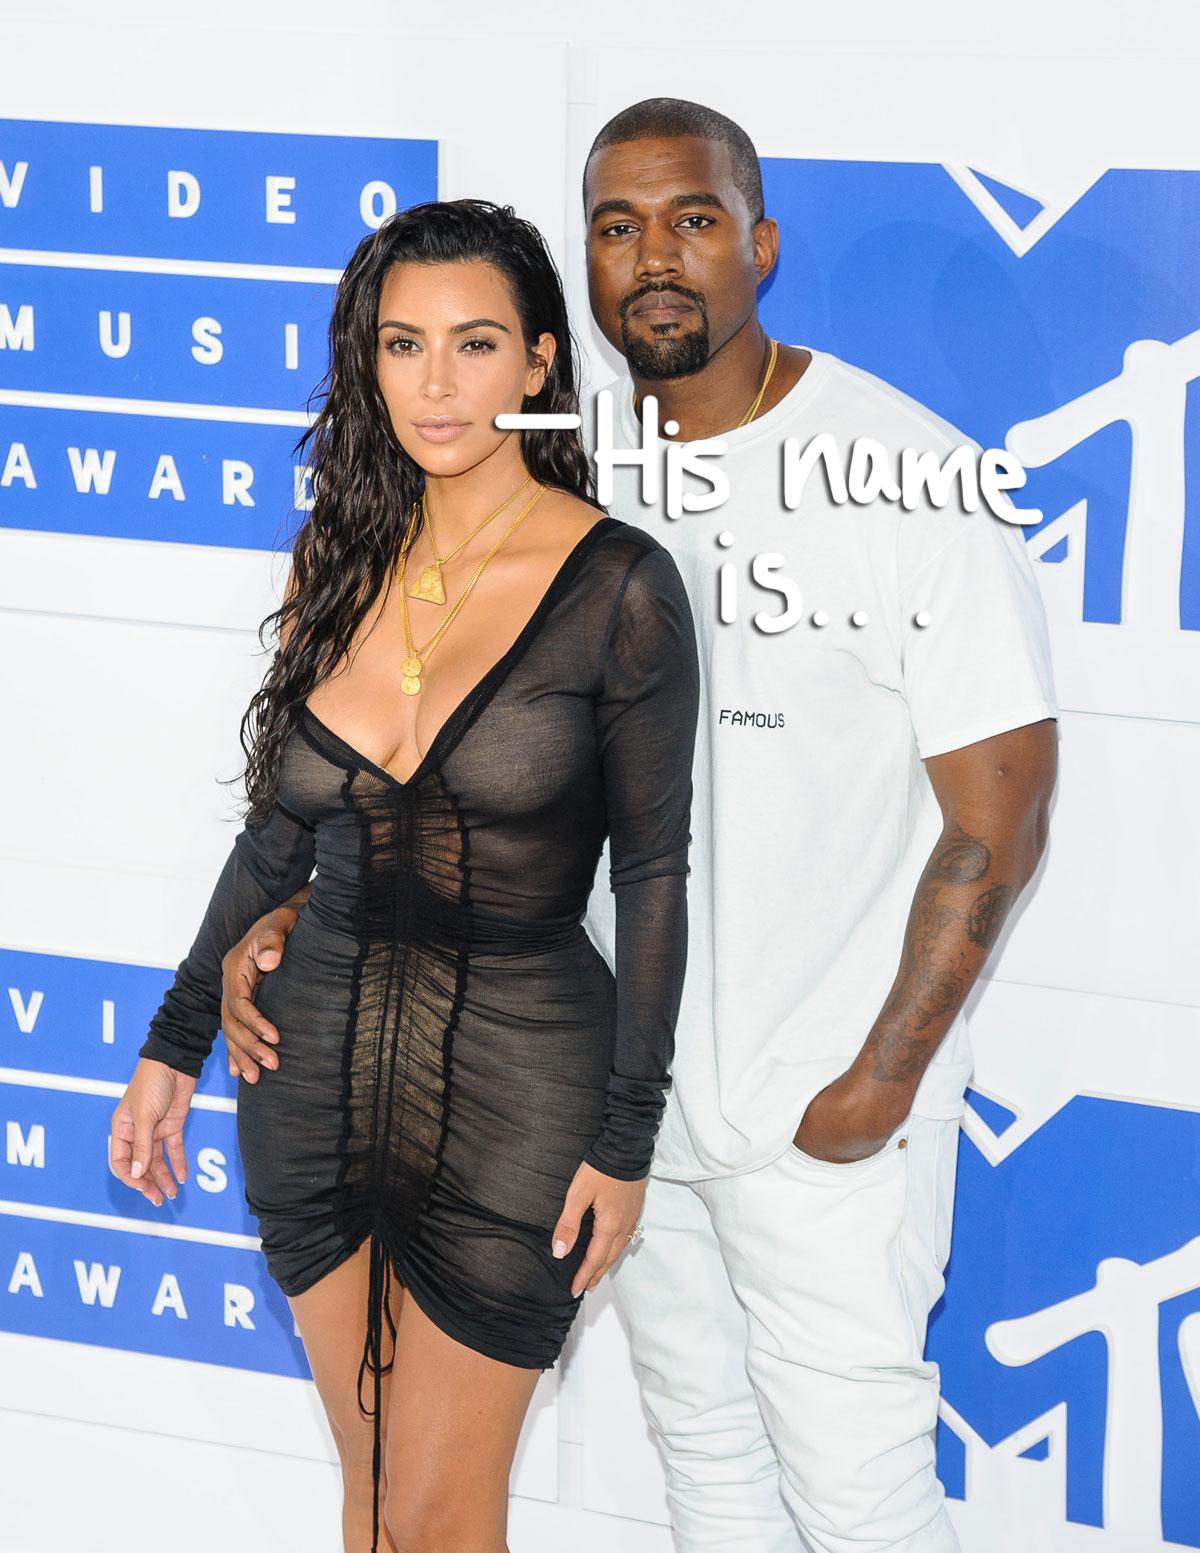 Kim Kardashian & Kanye West Announce Their Baby Boy's Name ...